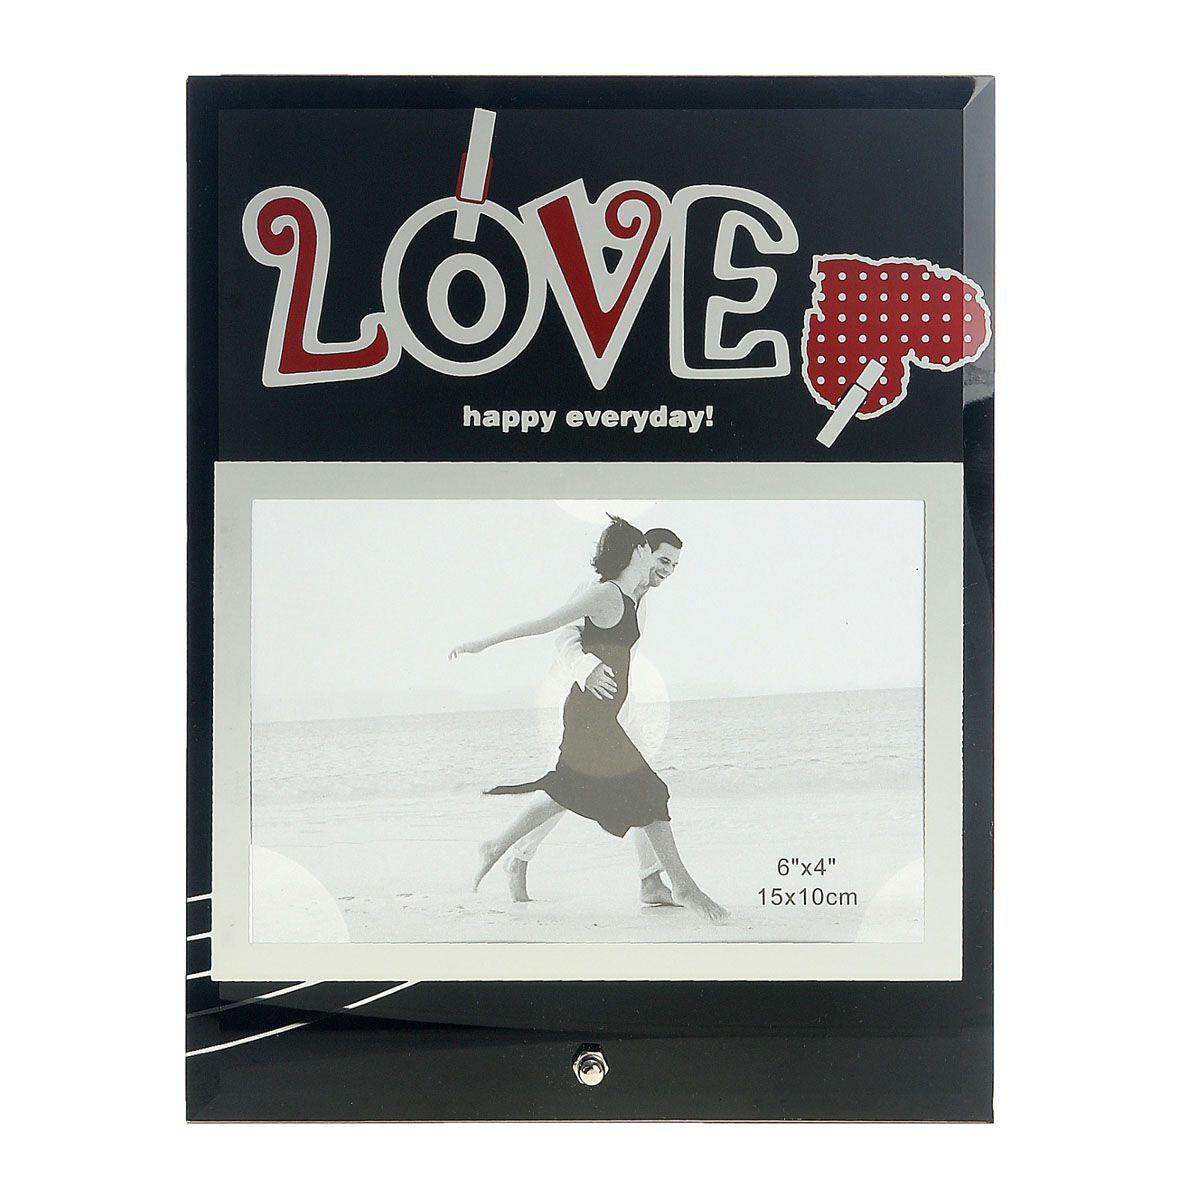 Фоторамка Sima-land Love, цвет: черный, красный, 10 х 15 см845717Декоративная фоторамка Sima-land Love выполнена из стекла и декорирована изображением сердца и надписи на прищепках. Обратная сторона рамки оснащена специальной ножкой, благодаря которой ее можно поставить на стол или любое другое место в доме или офисе. Такая фоторамка украсит ваш интерьер оригинальным образом, а также позволит сохранить память о дорогих вам людях и интересных событиях вашей жизни. С ней вы сможете не просто внести в интерьер своего дома элемент оригинальности, но и создать атмосферу загадочности и изысканности.